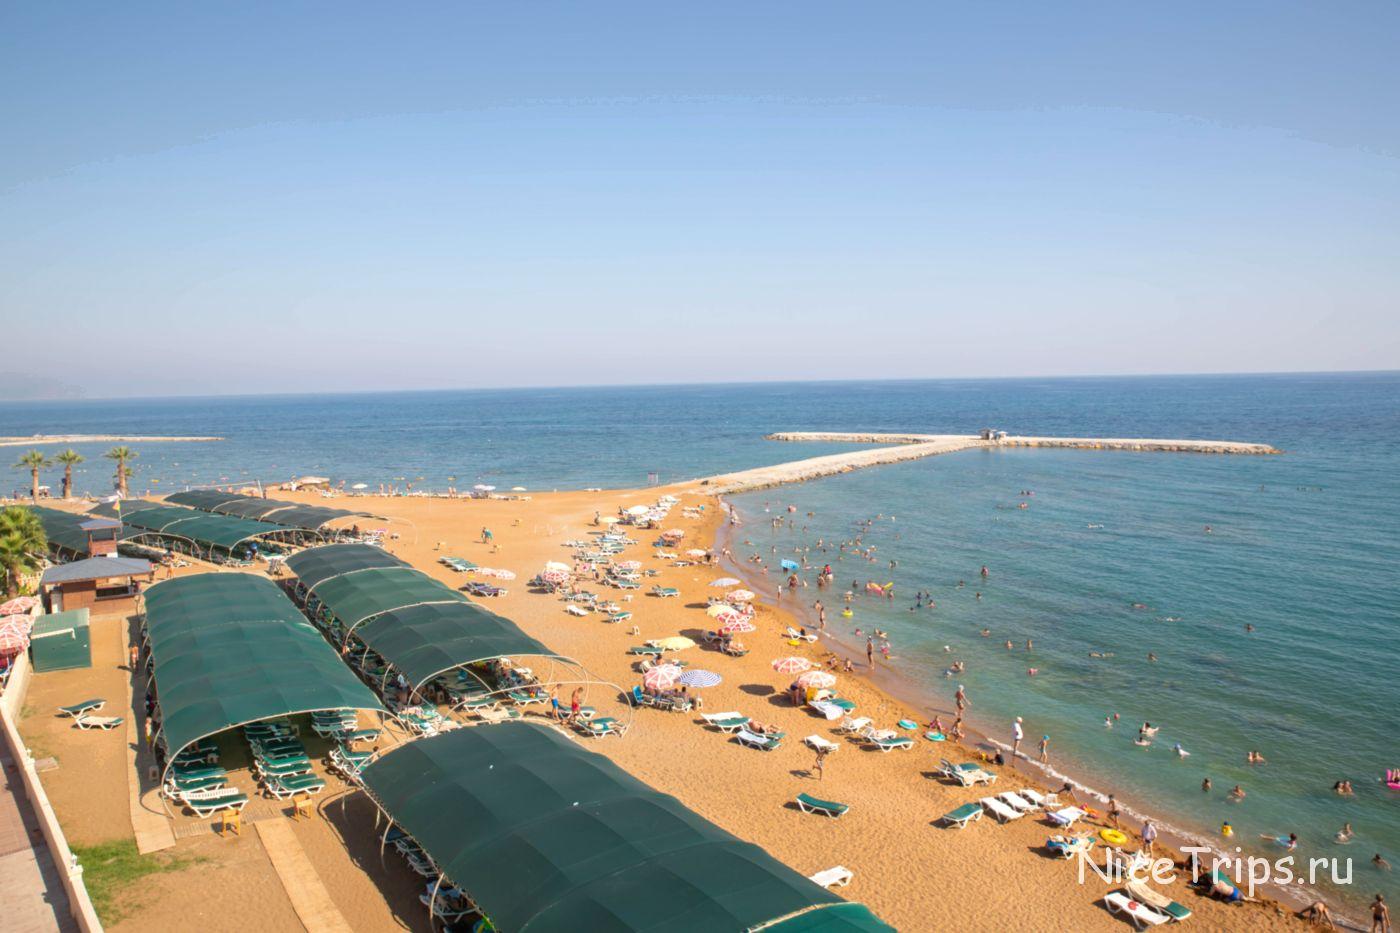 Пляж территории Eftalia